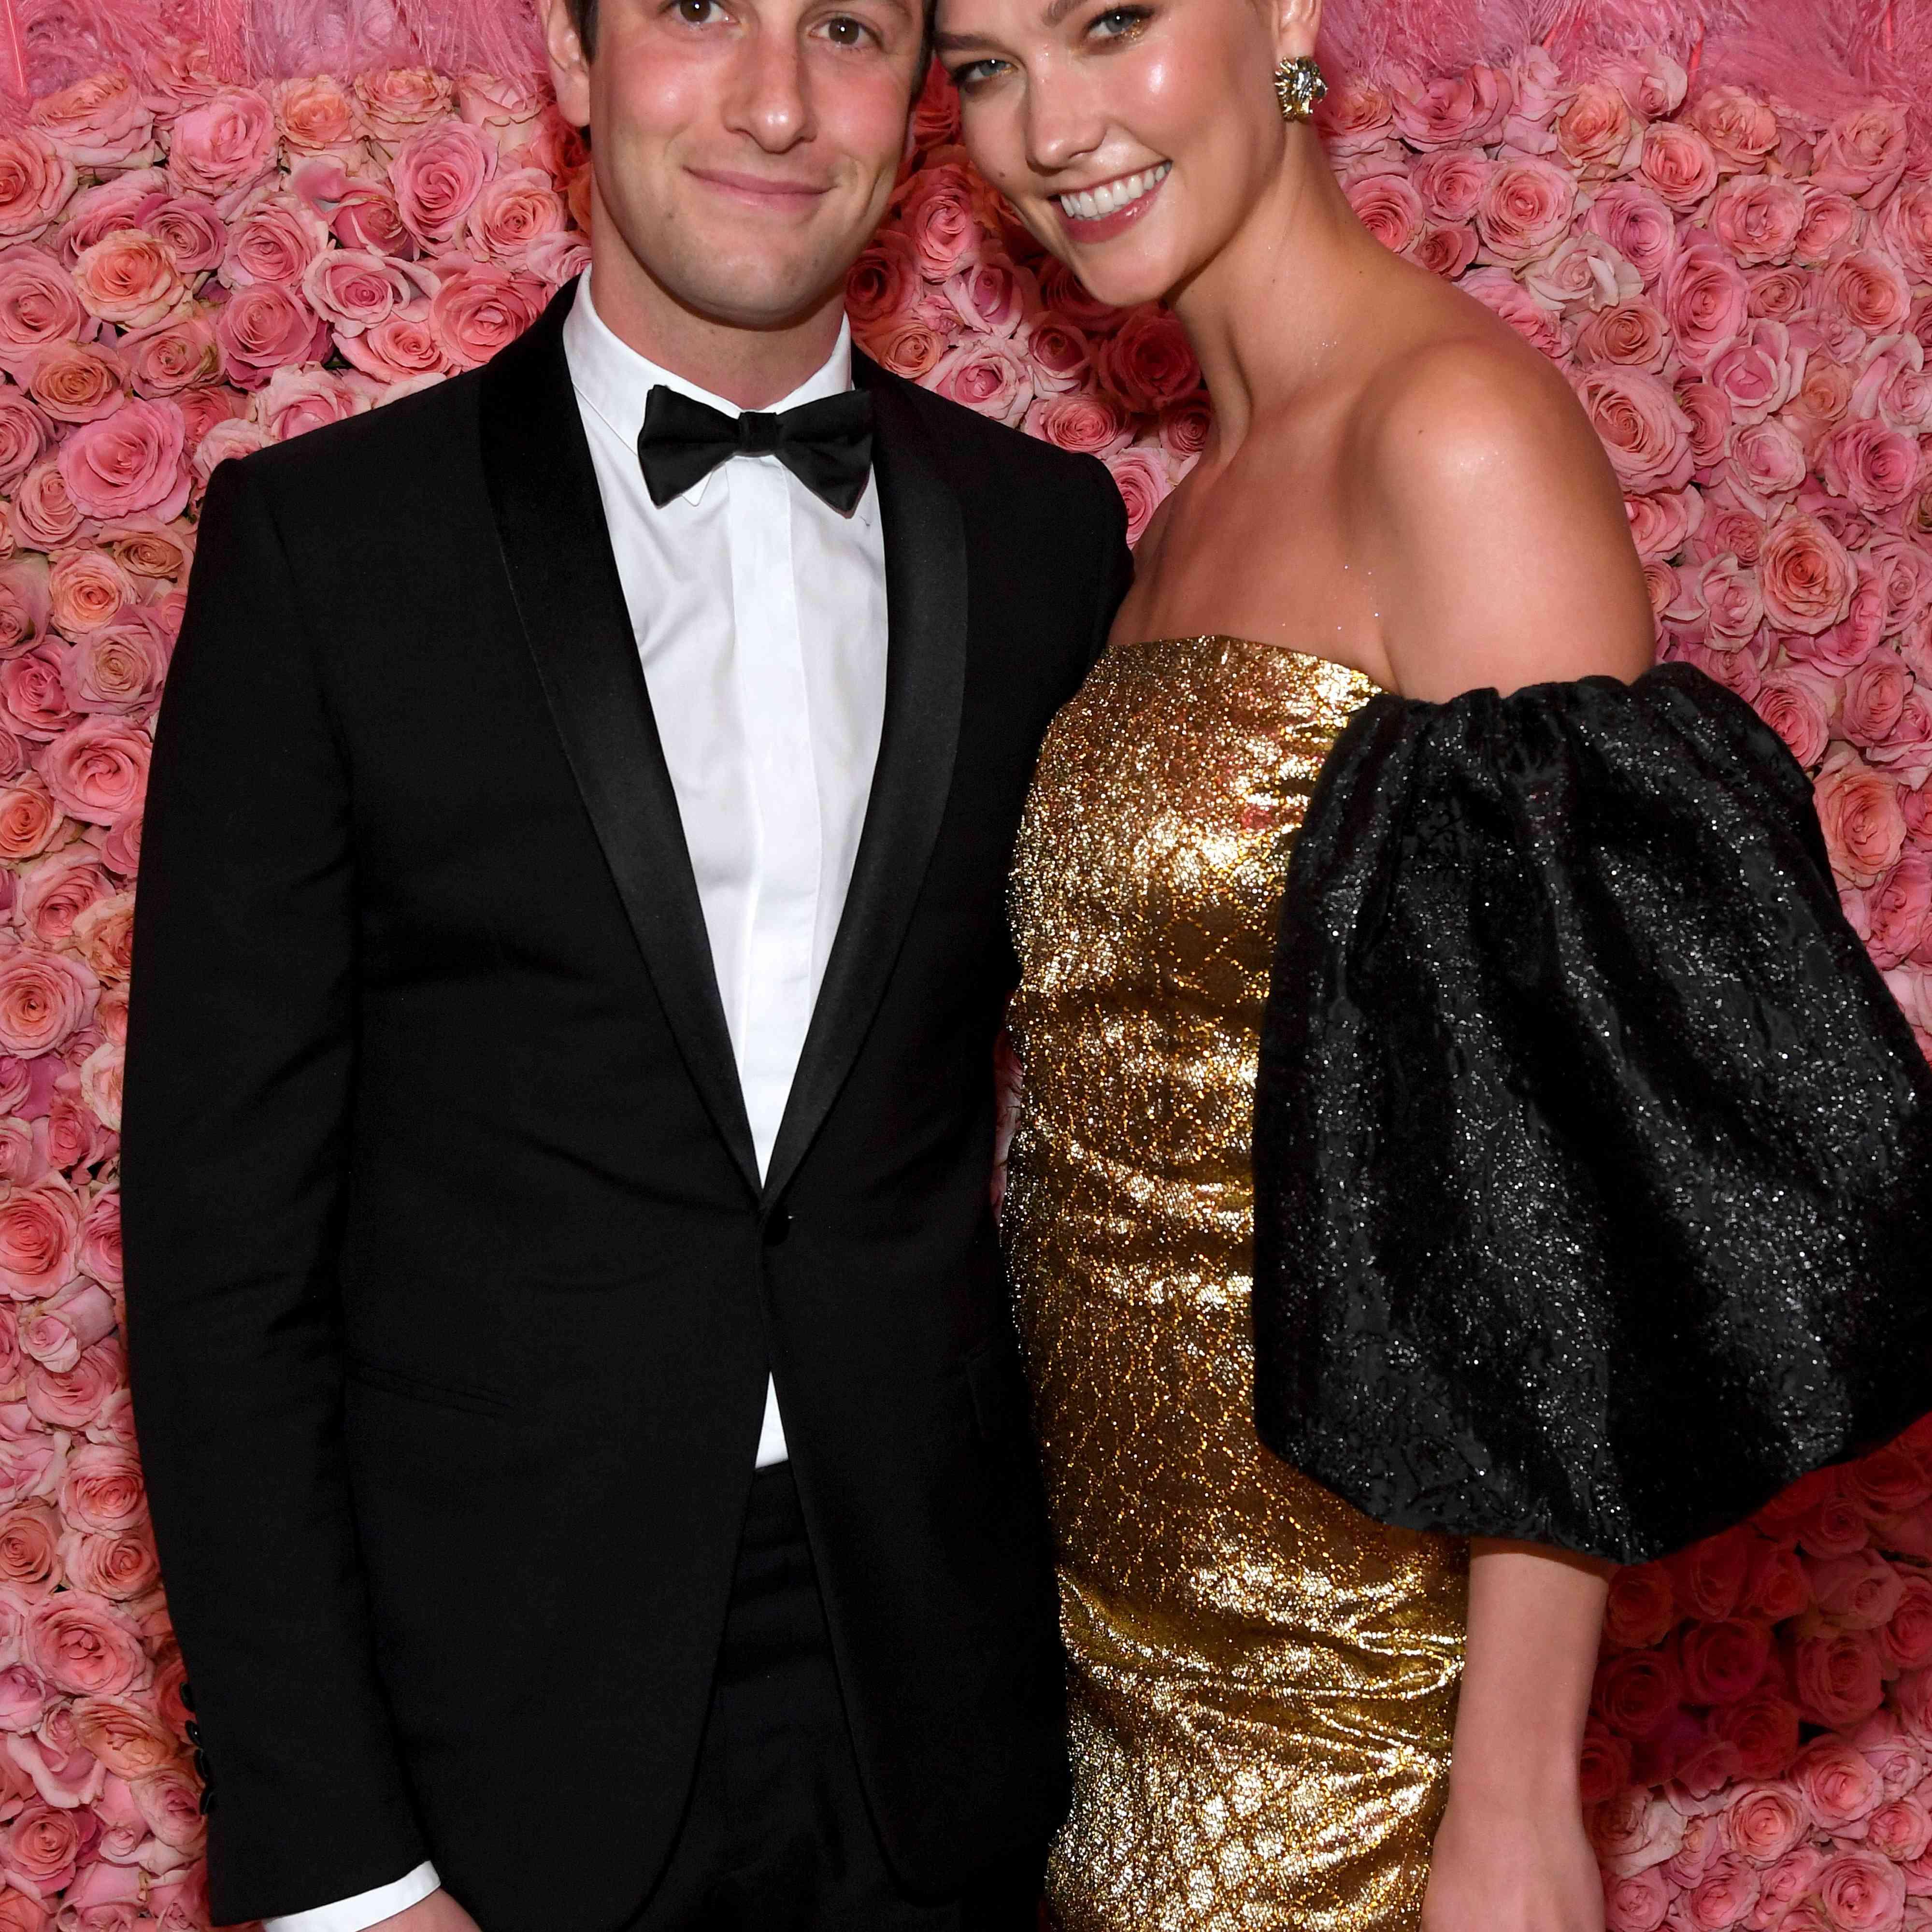 Karlie Kloss and Jared Kushner